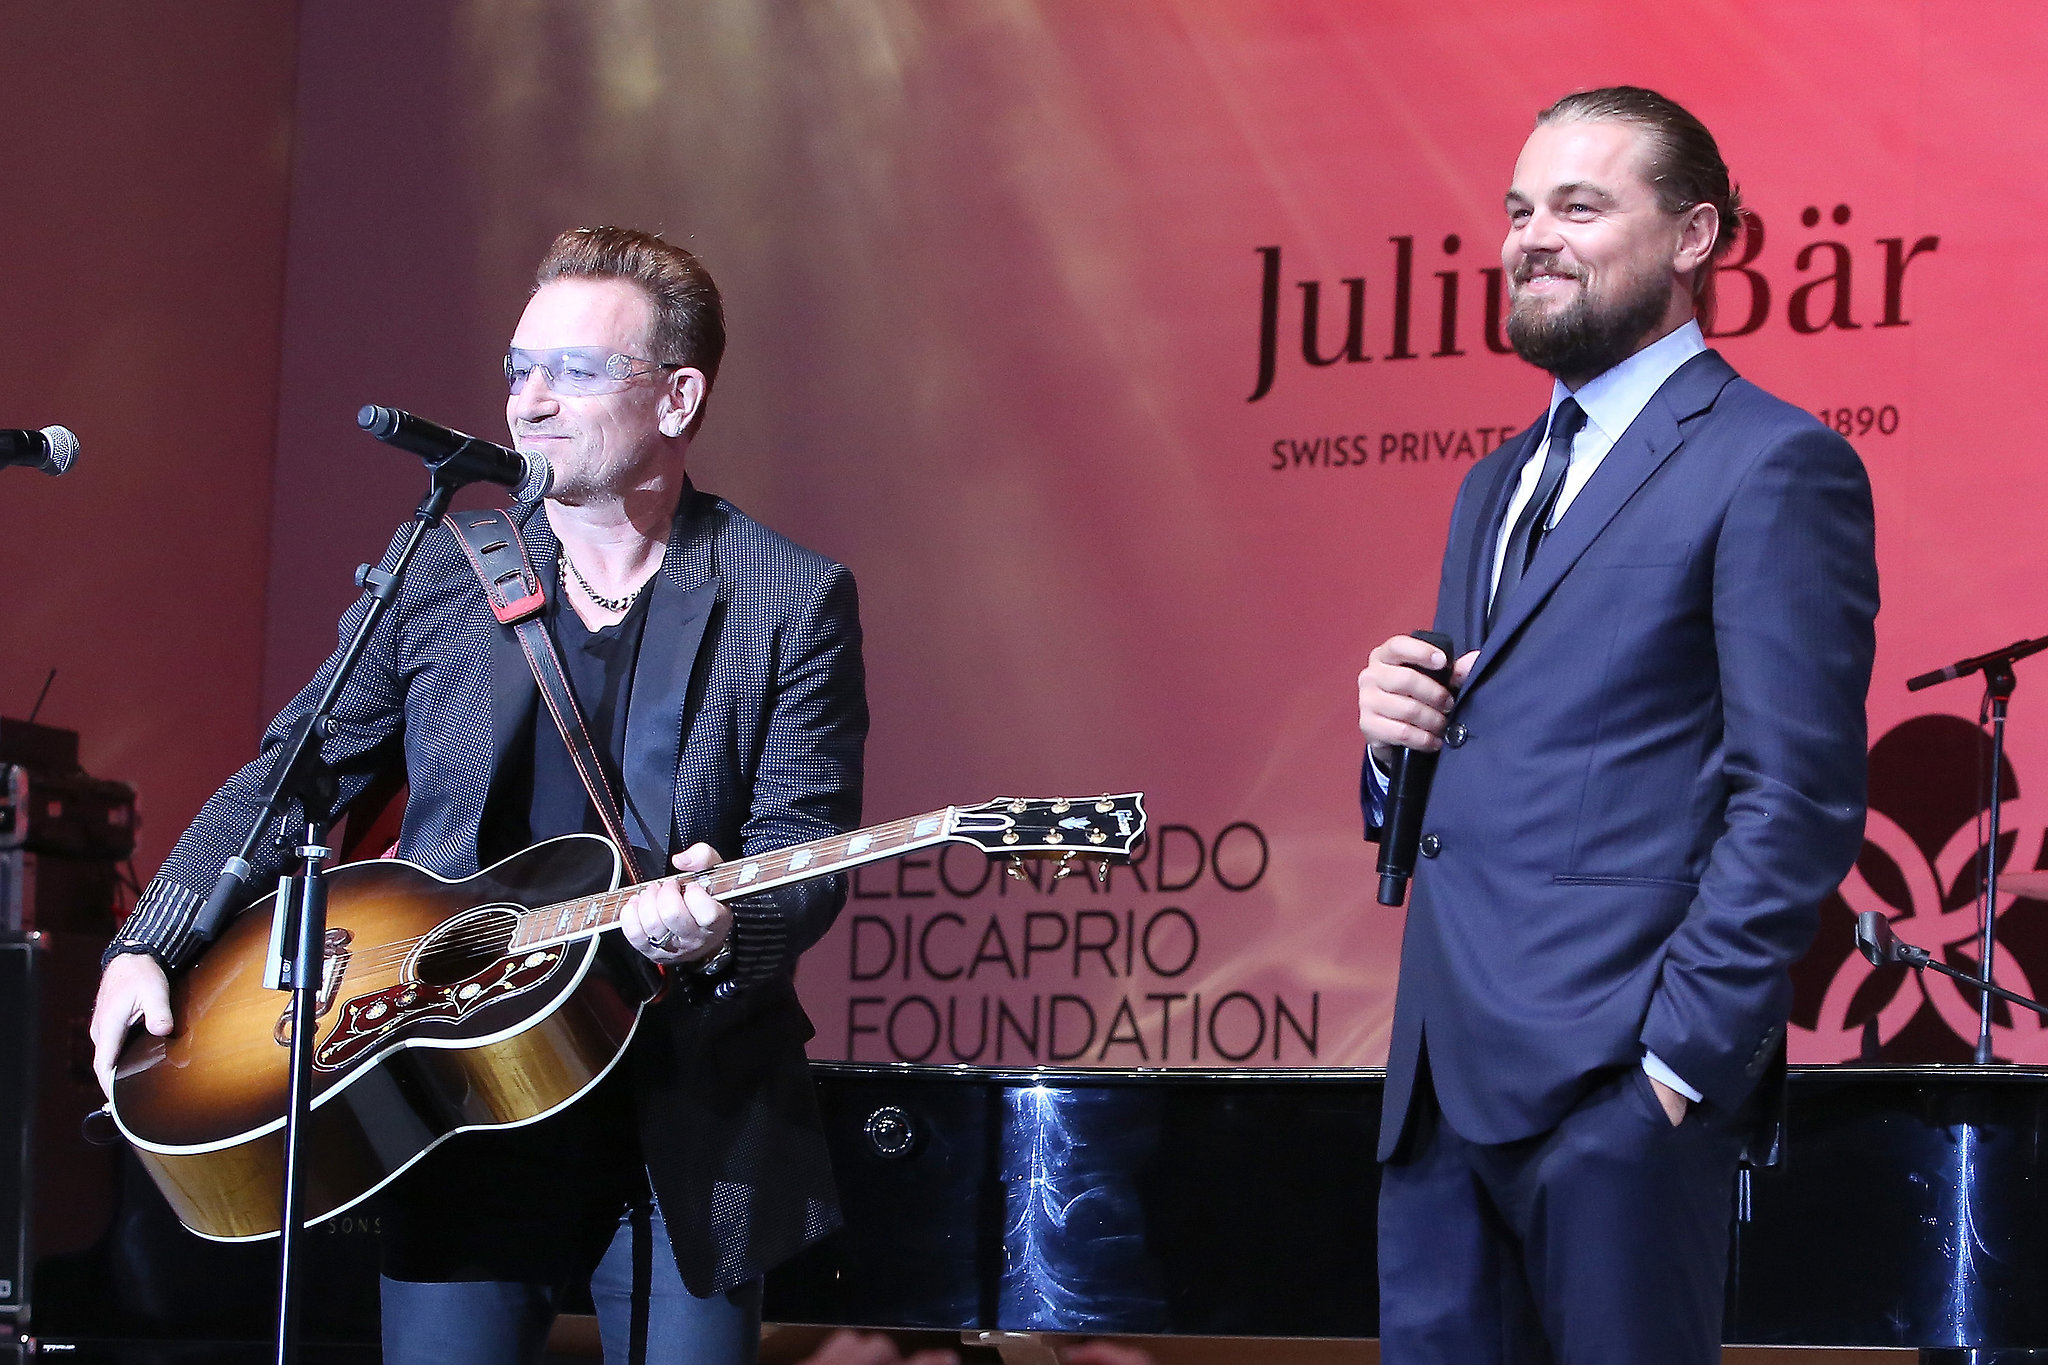 Leonardo DiCaprio Foundation Gala